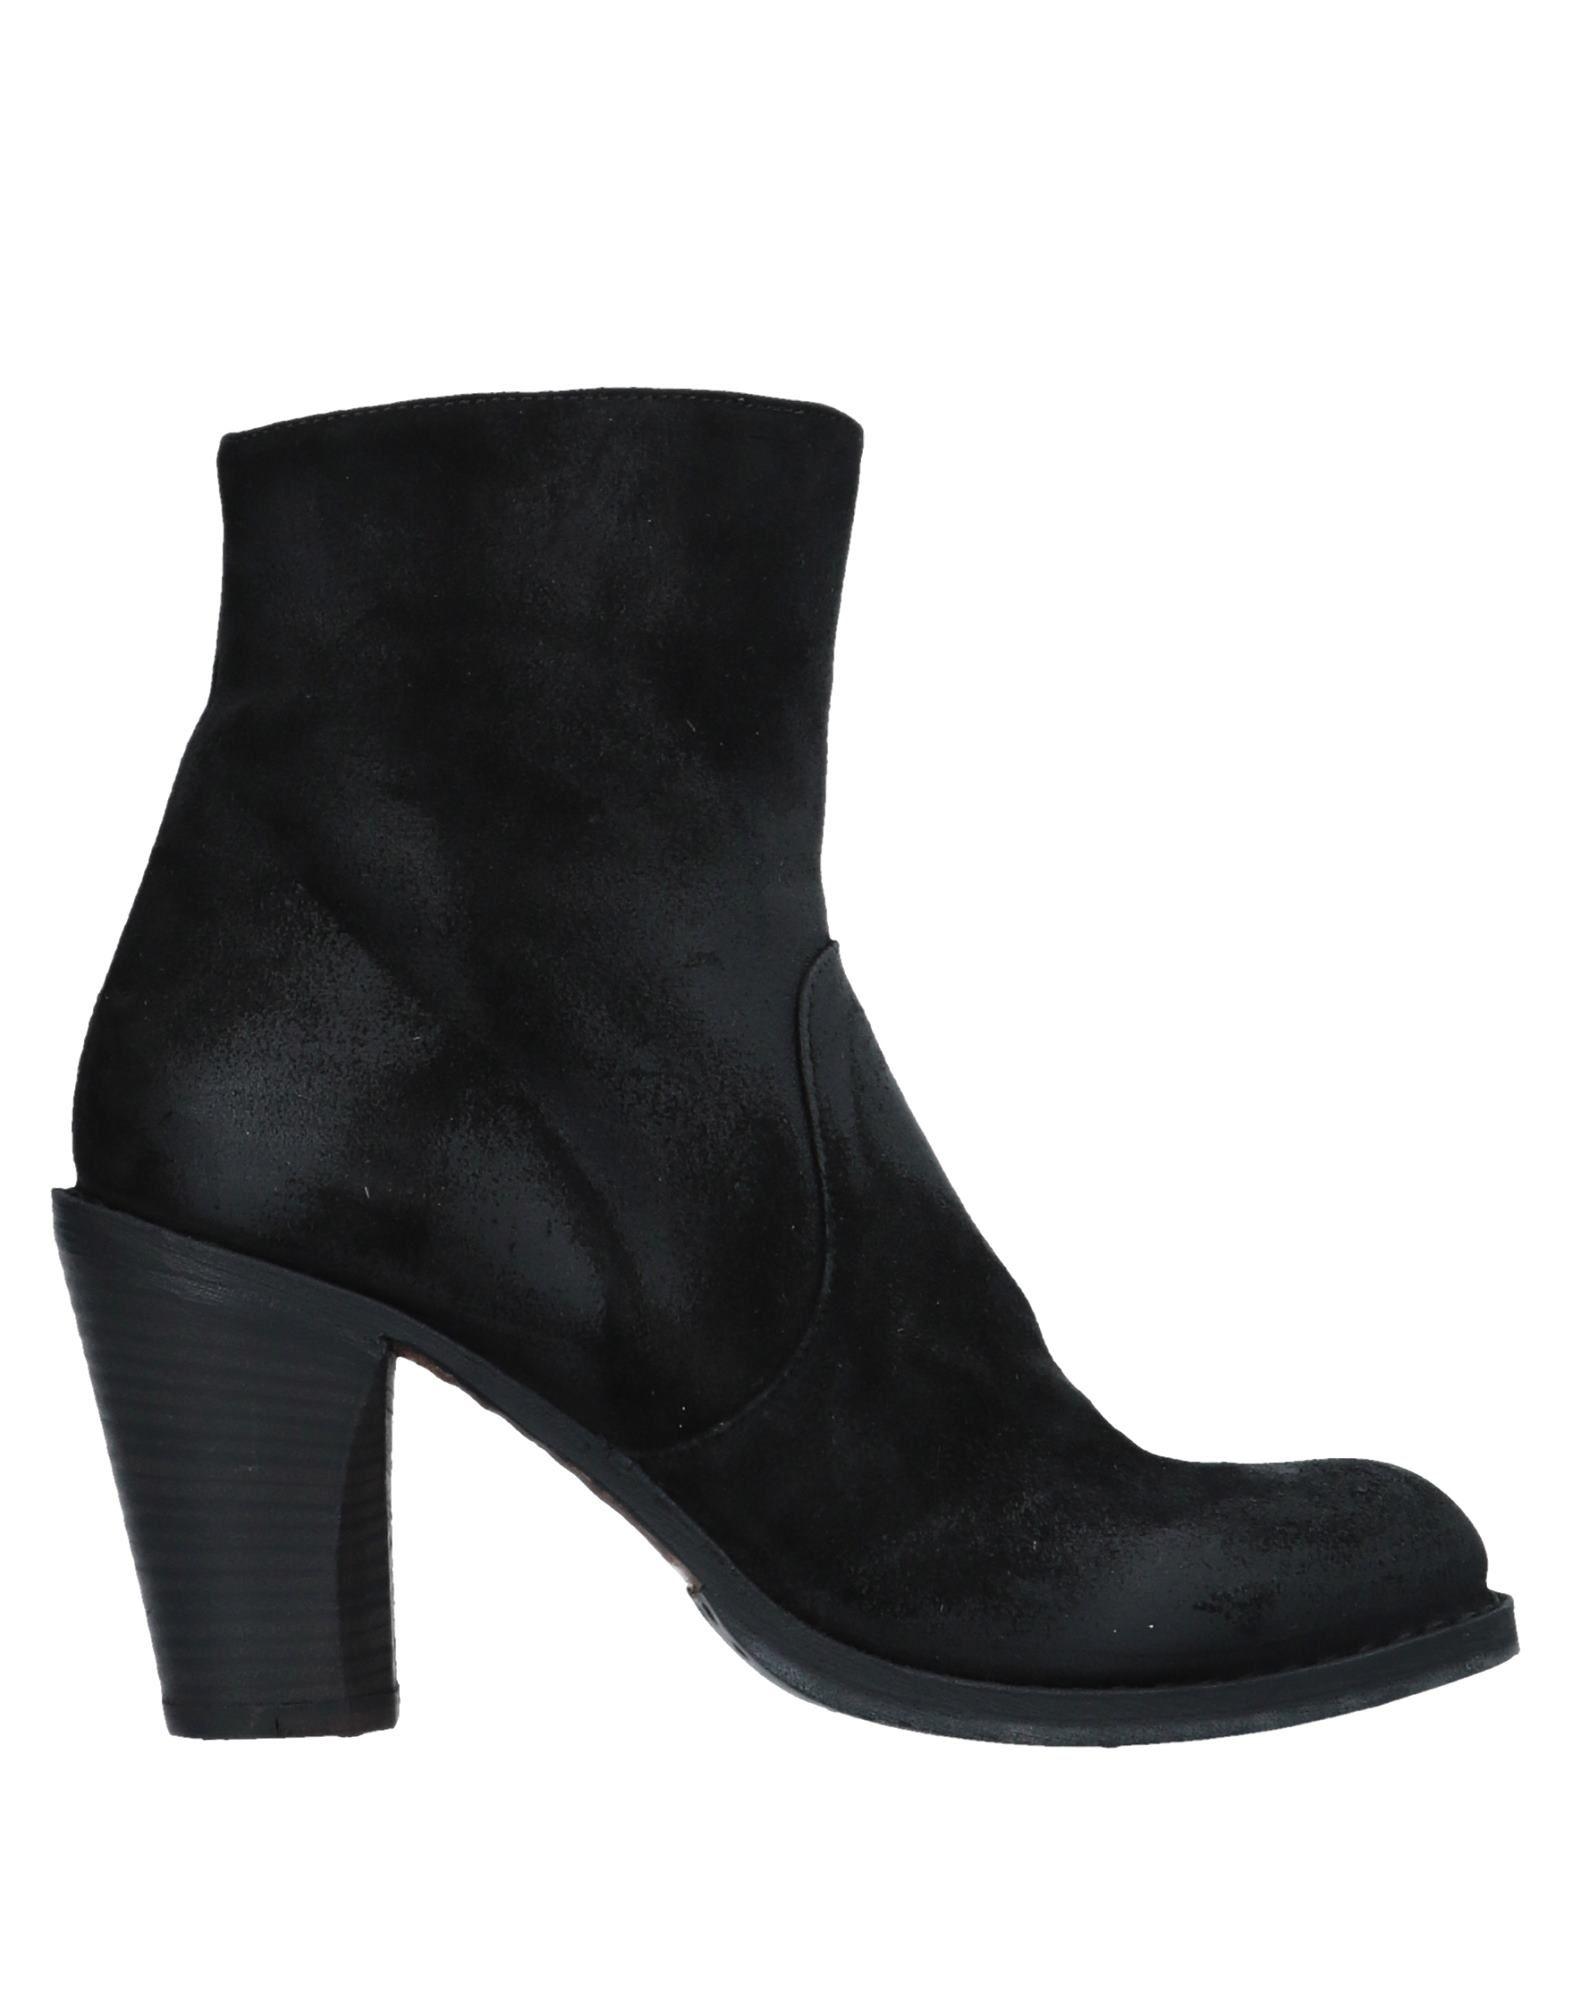 Stilvolle Fiorentini+Baker billige Schuhe Fiorentini+Baker Stilvolle Stiefelette Damen  11532420GR 4aab11